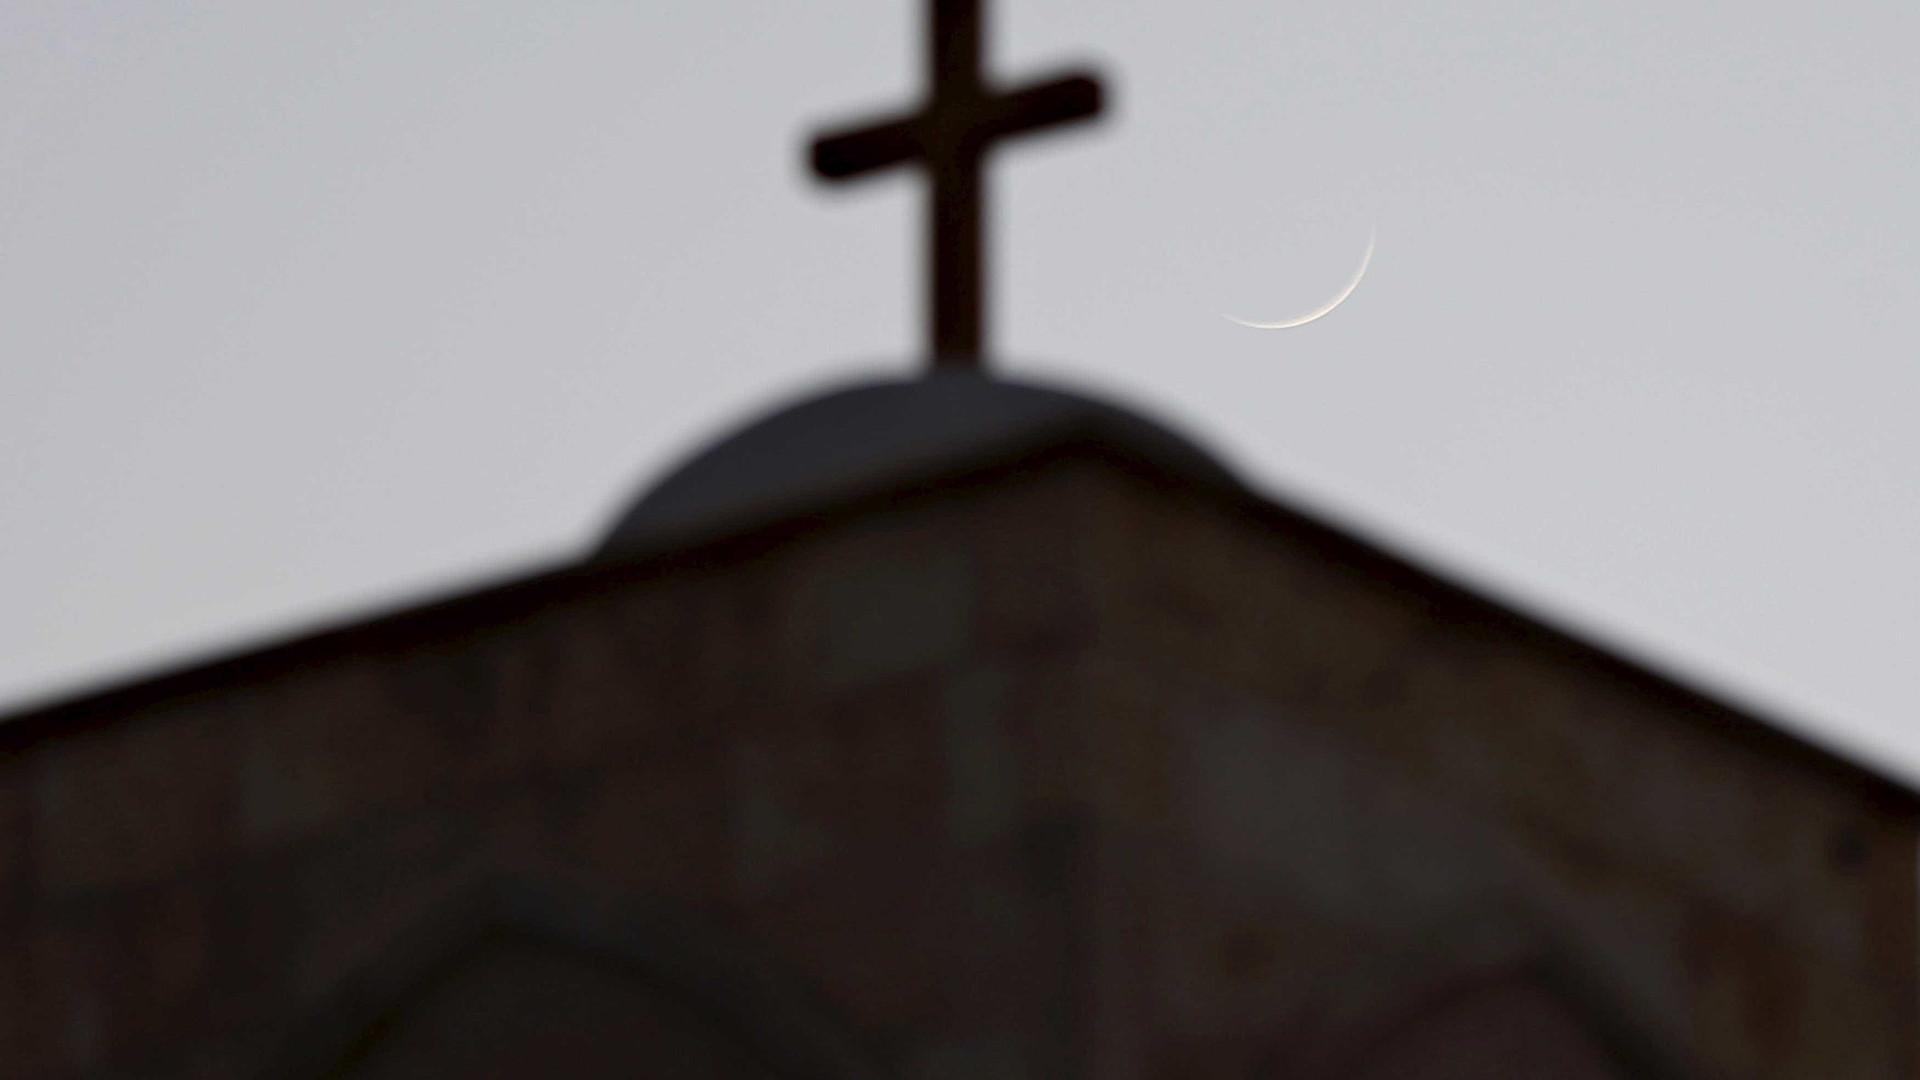 Novo estudo detalha anos de abusos por religiosos católicos na Alemanha